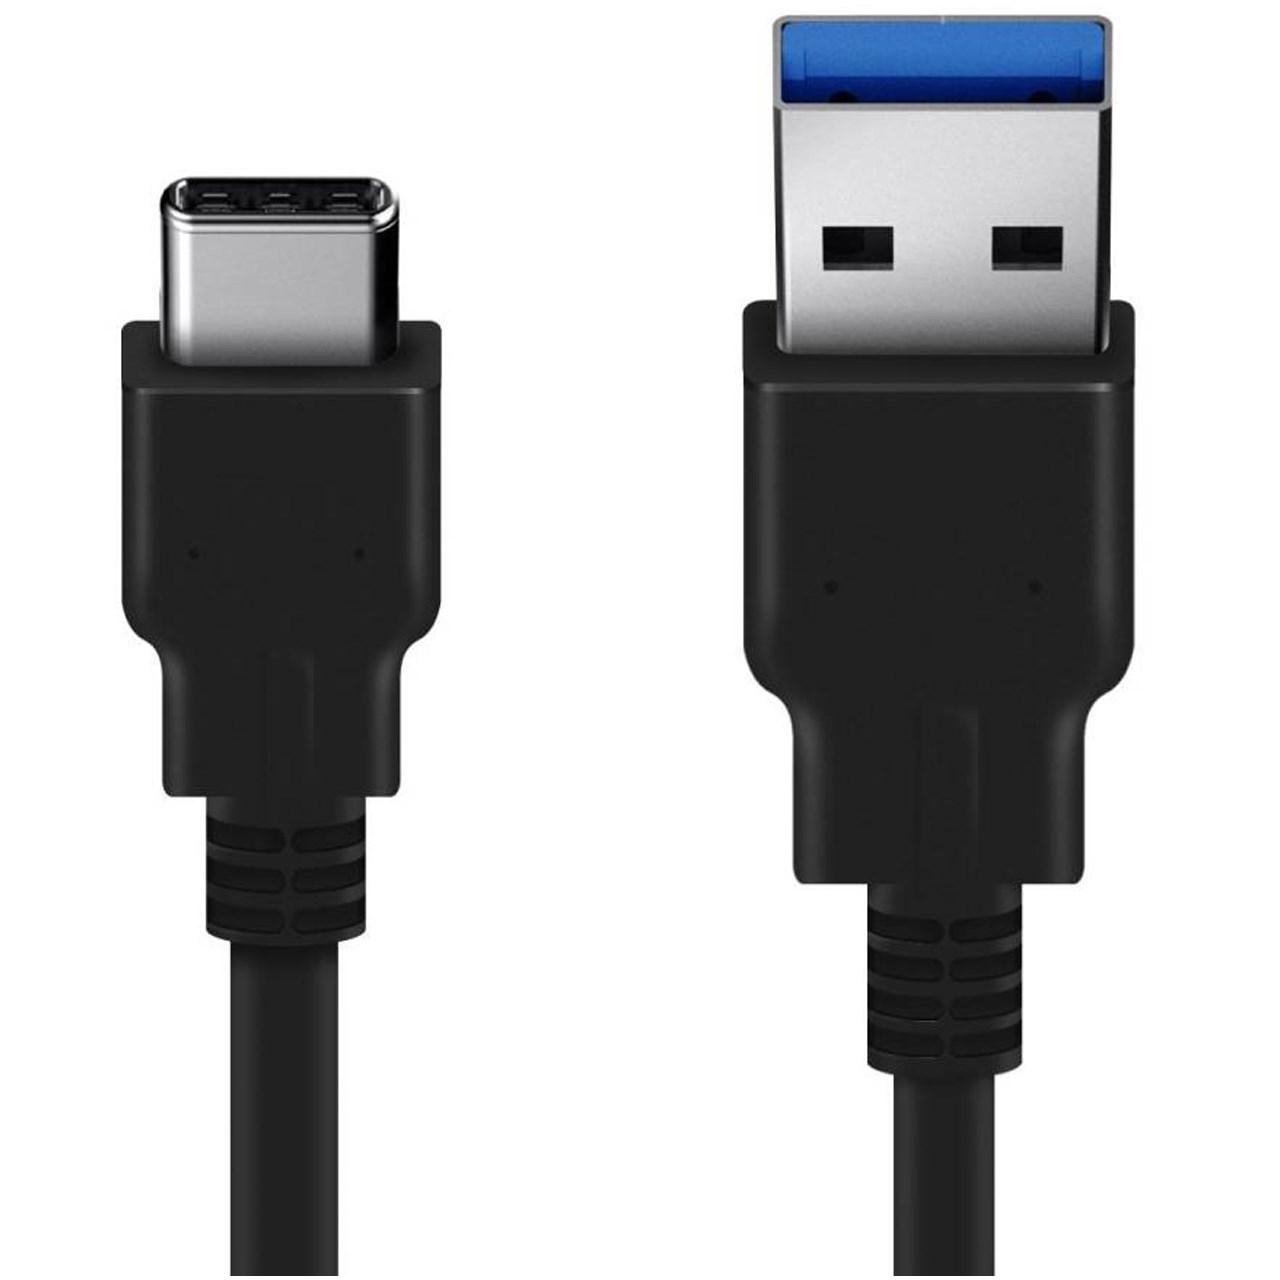 کابل تبدیل Type-C به USB 3.0 ای پی لینک مدل Oneplus به طول 1 متر